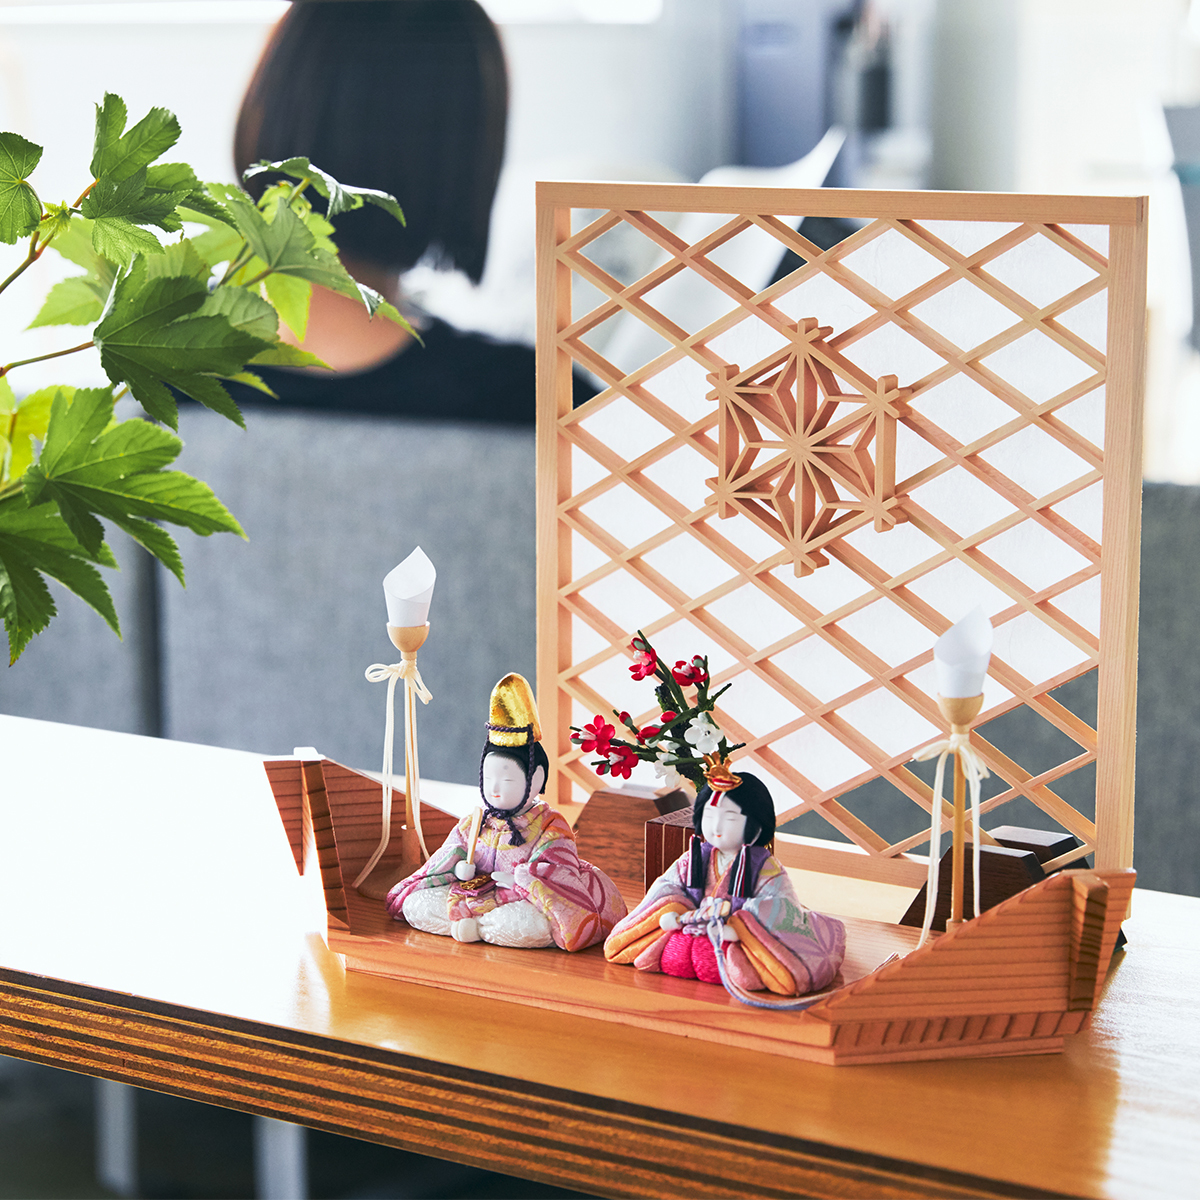 『毎年のしあわせ』が御嬢様と家族に訪れる | リビングに飾れる「プレミアムコンパクト雛人形」